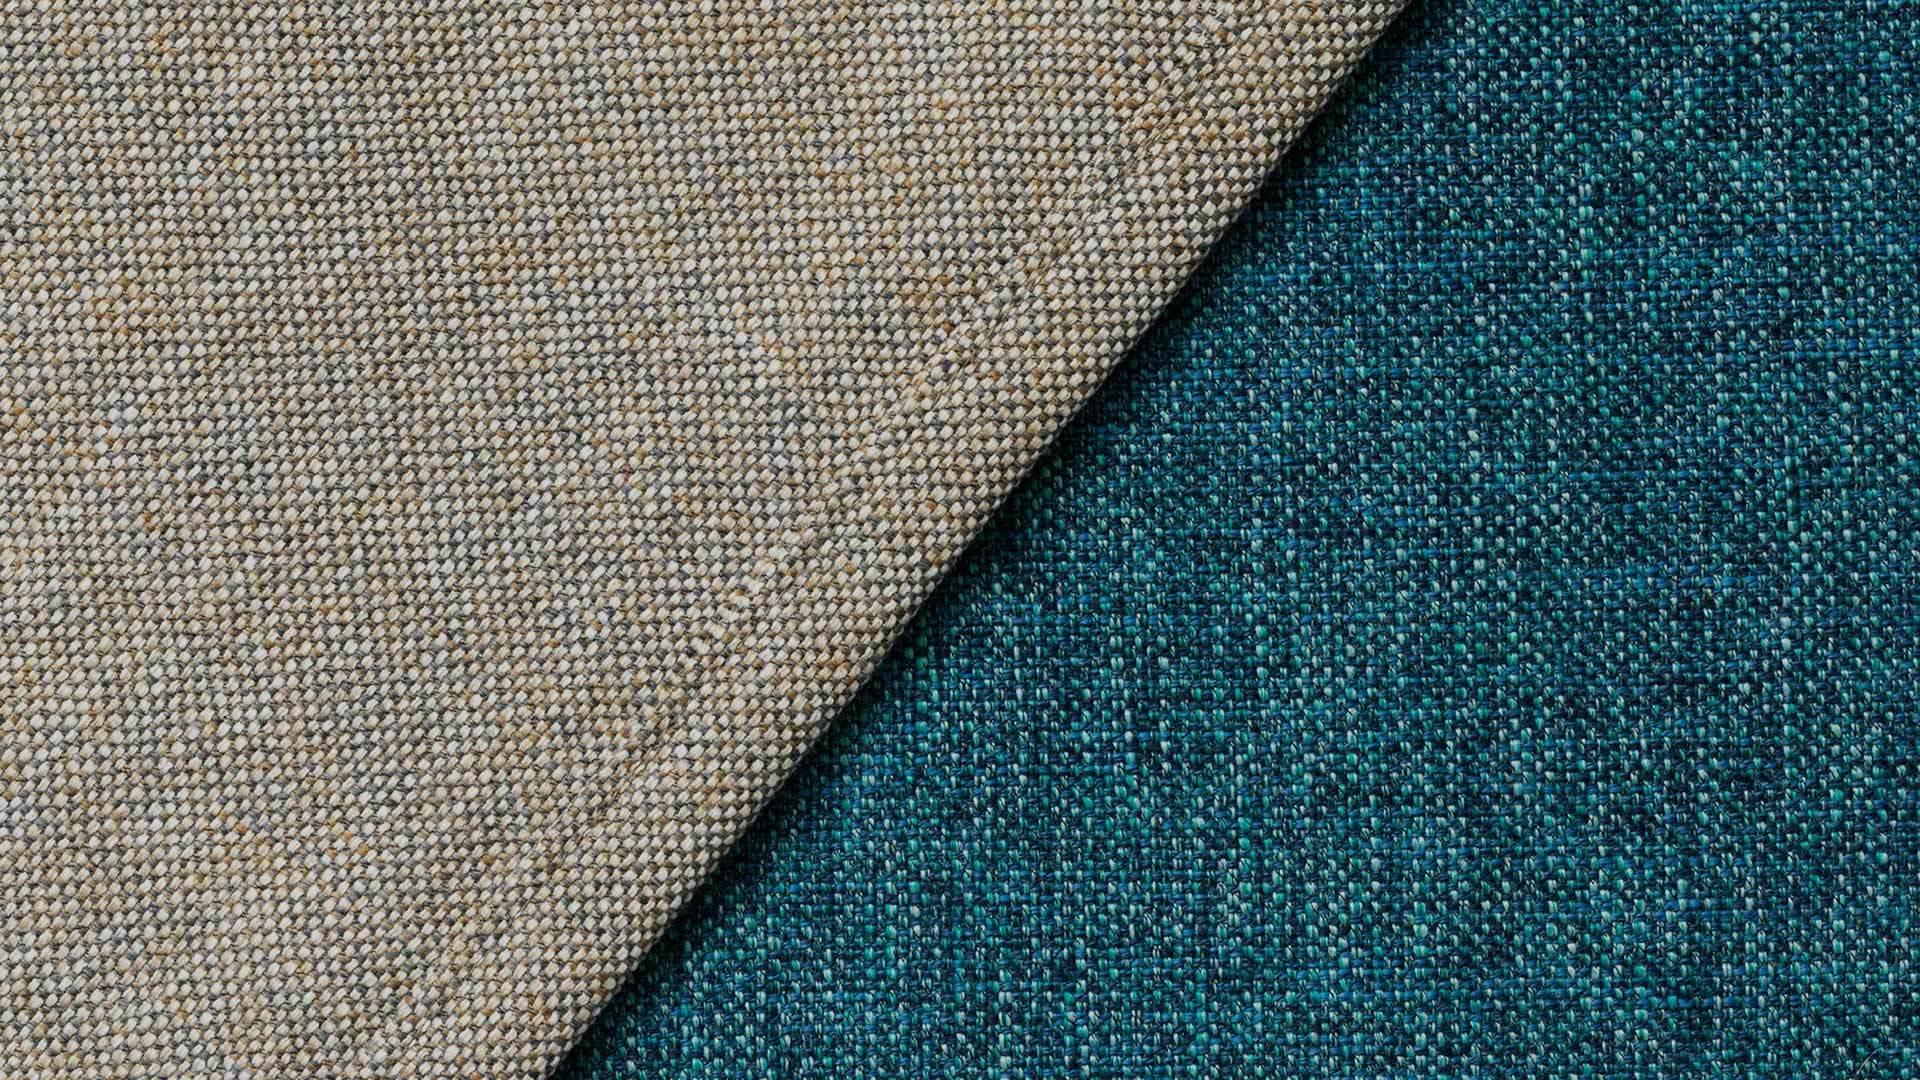 5色混线涤纶面料, 多层视效,柔韧厚实